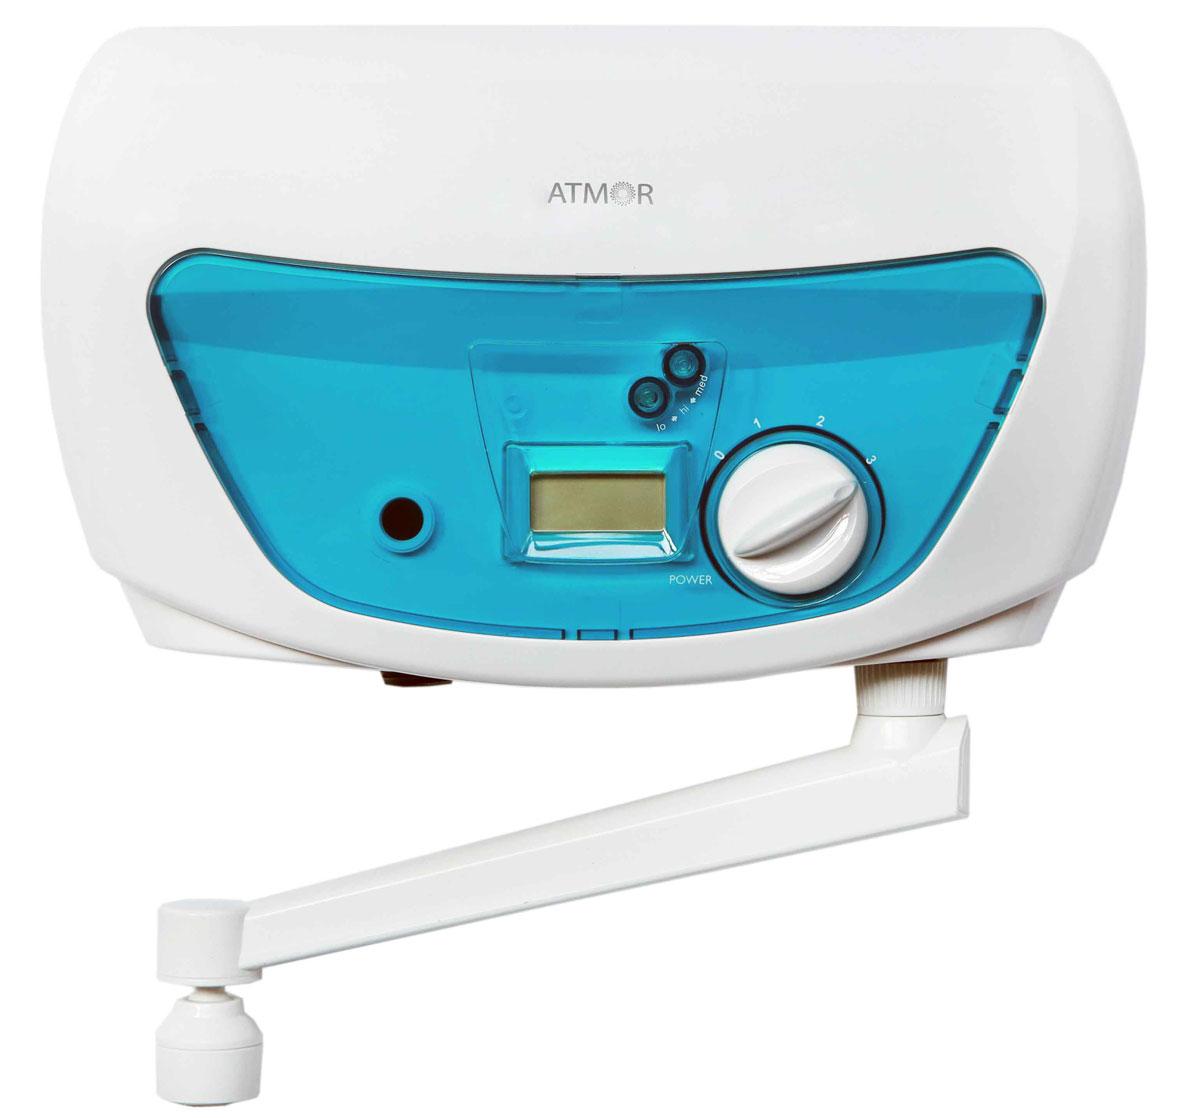 Atmor Platinum Tri Кухня водонагреватель проточный PLATINUM Tri 5кВт, кухня